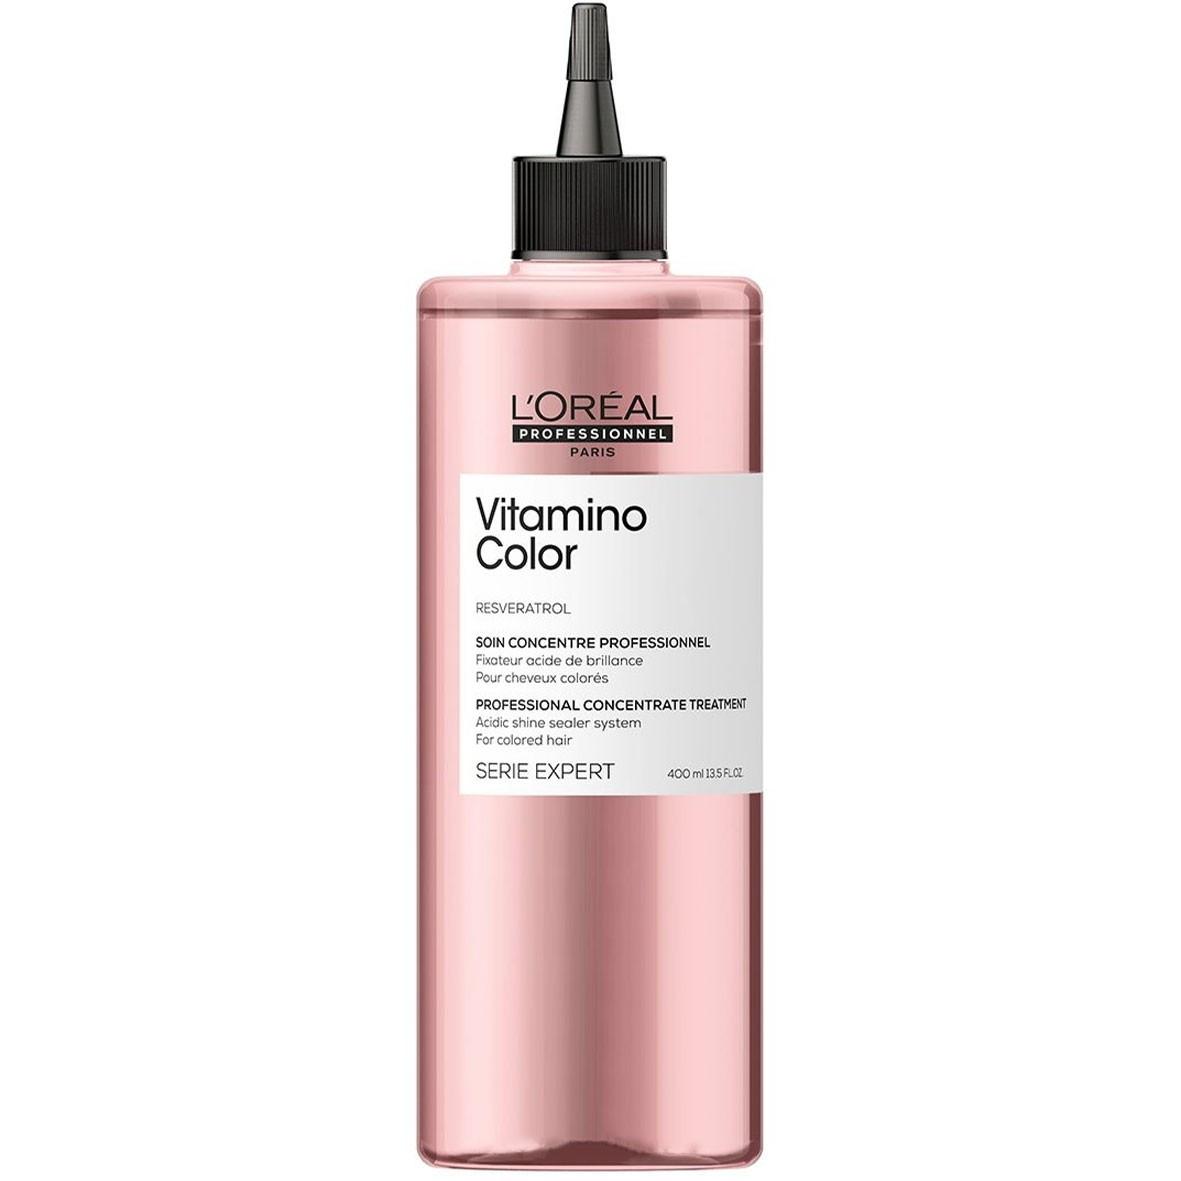 Концентрат для окрашенных волос LOreal Vitamino Color Concentrate 400 мл